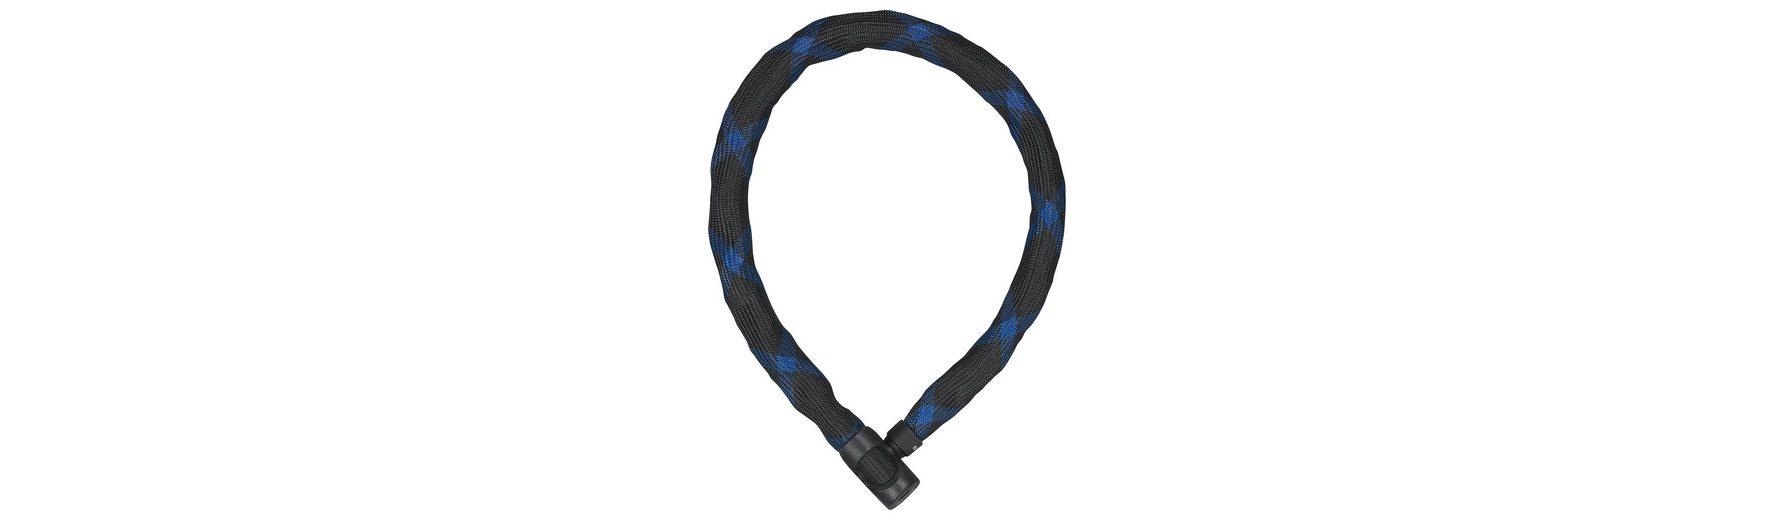 ABUS Fahrradschloss »Ivera Chain 7210 Kettenschloss«